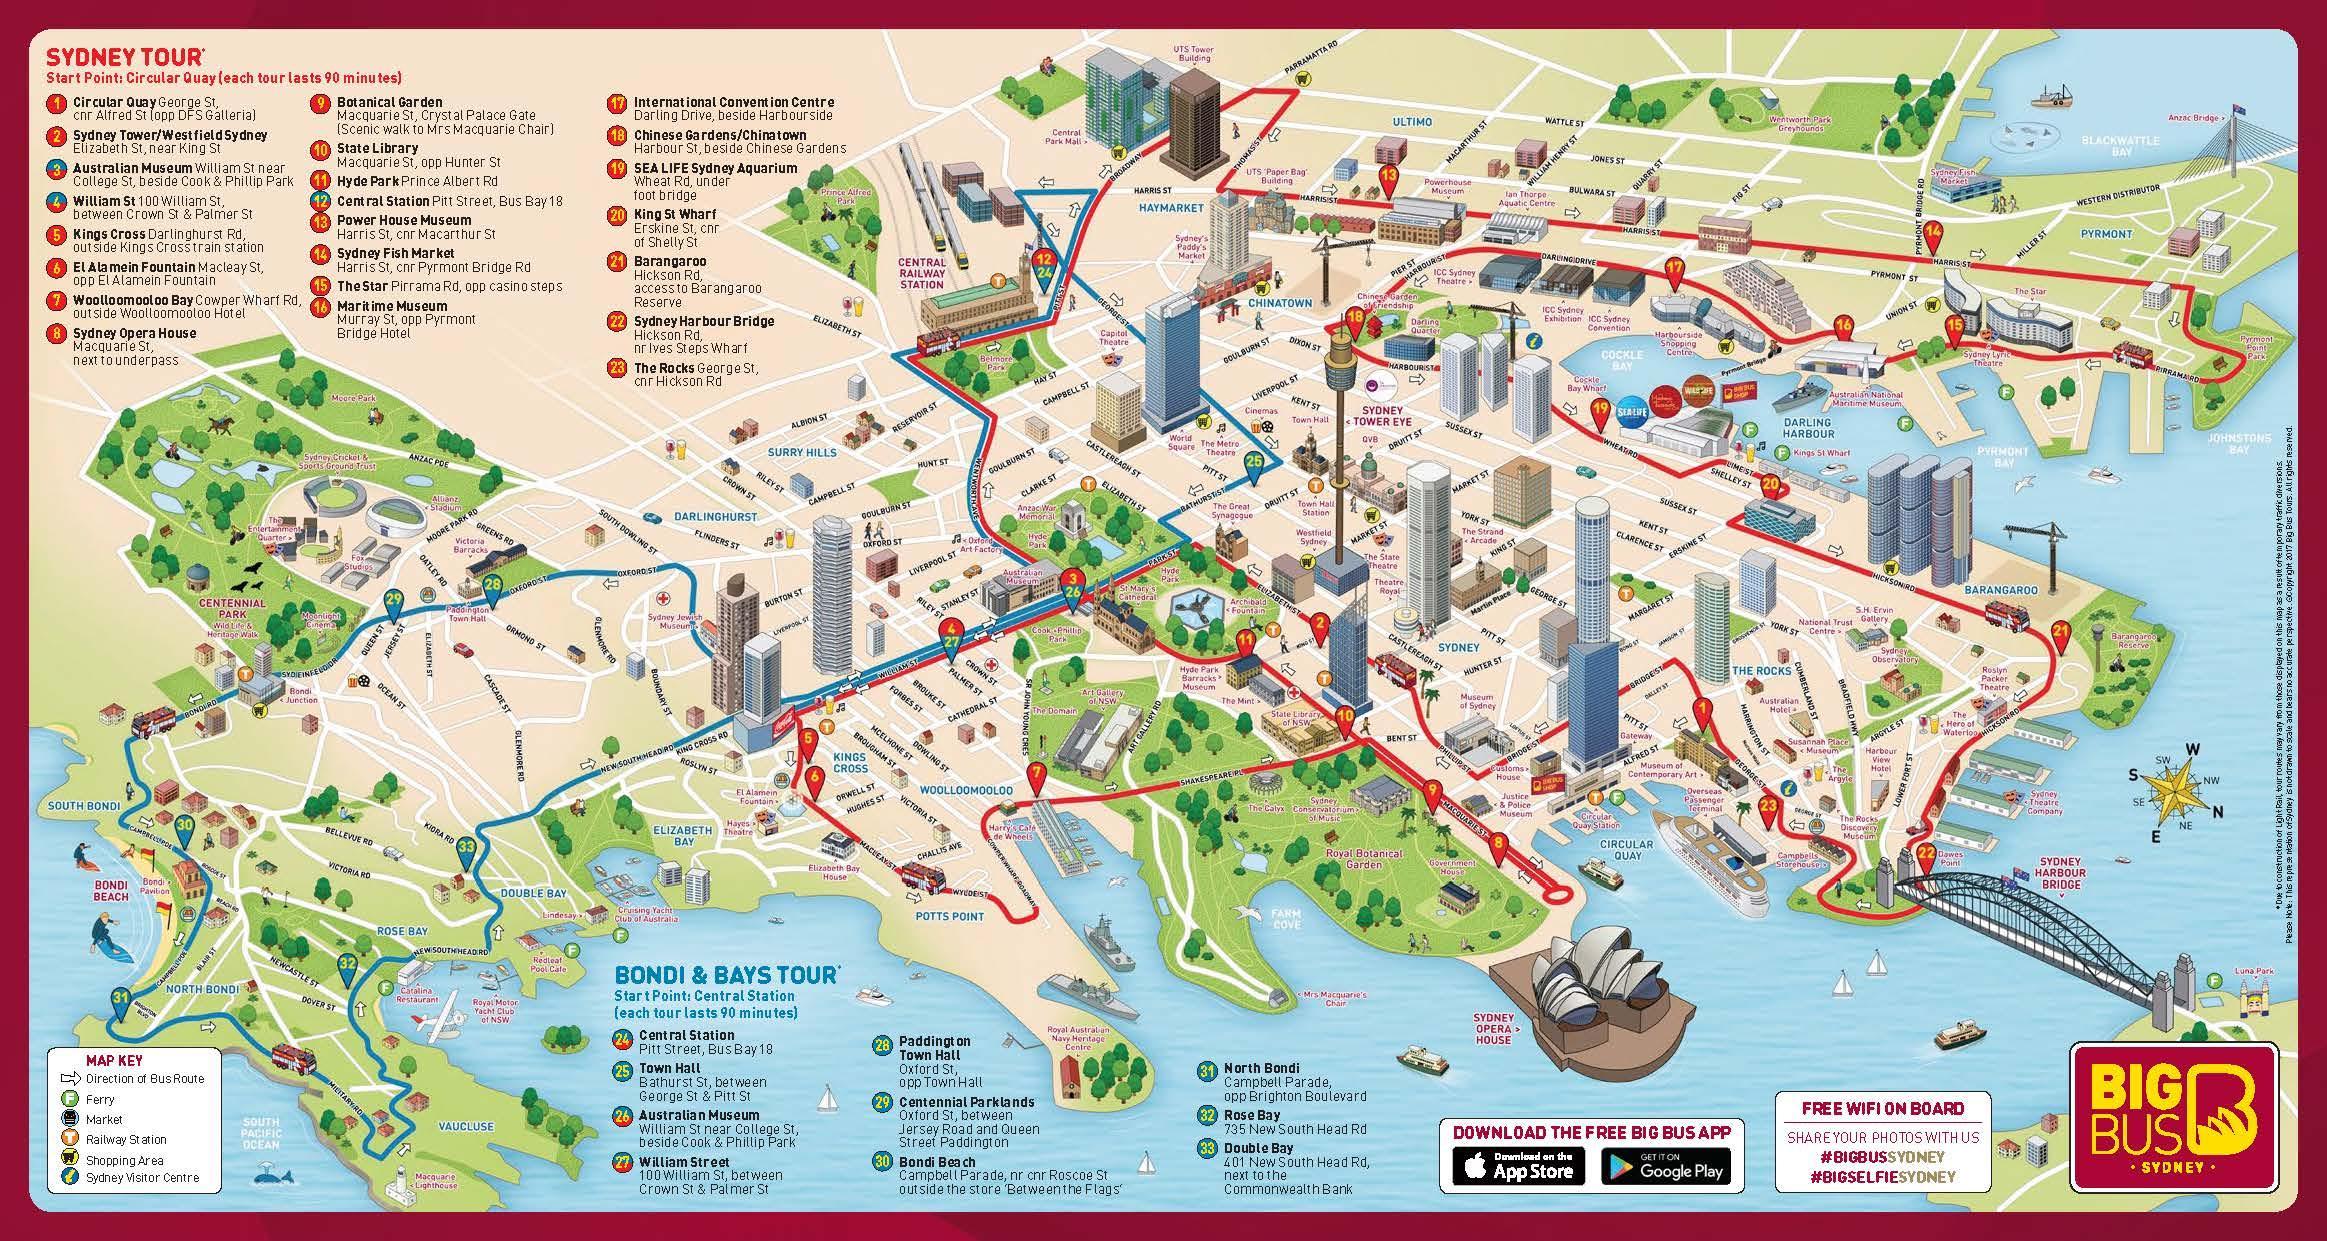 Sydney Nahtavyydet Kartta Kartta Sydney Nahtavyydet Australia